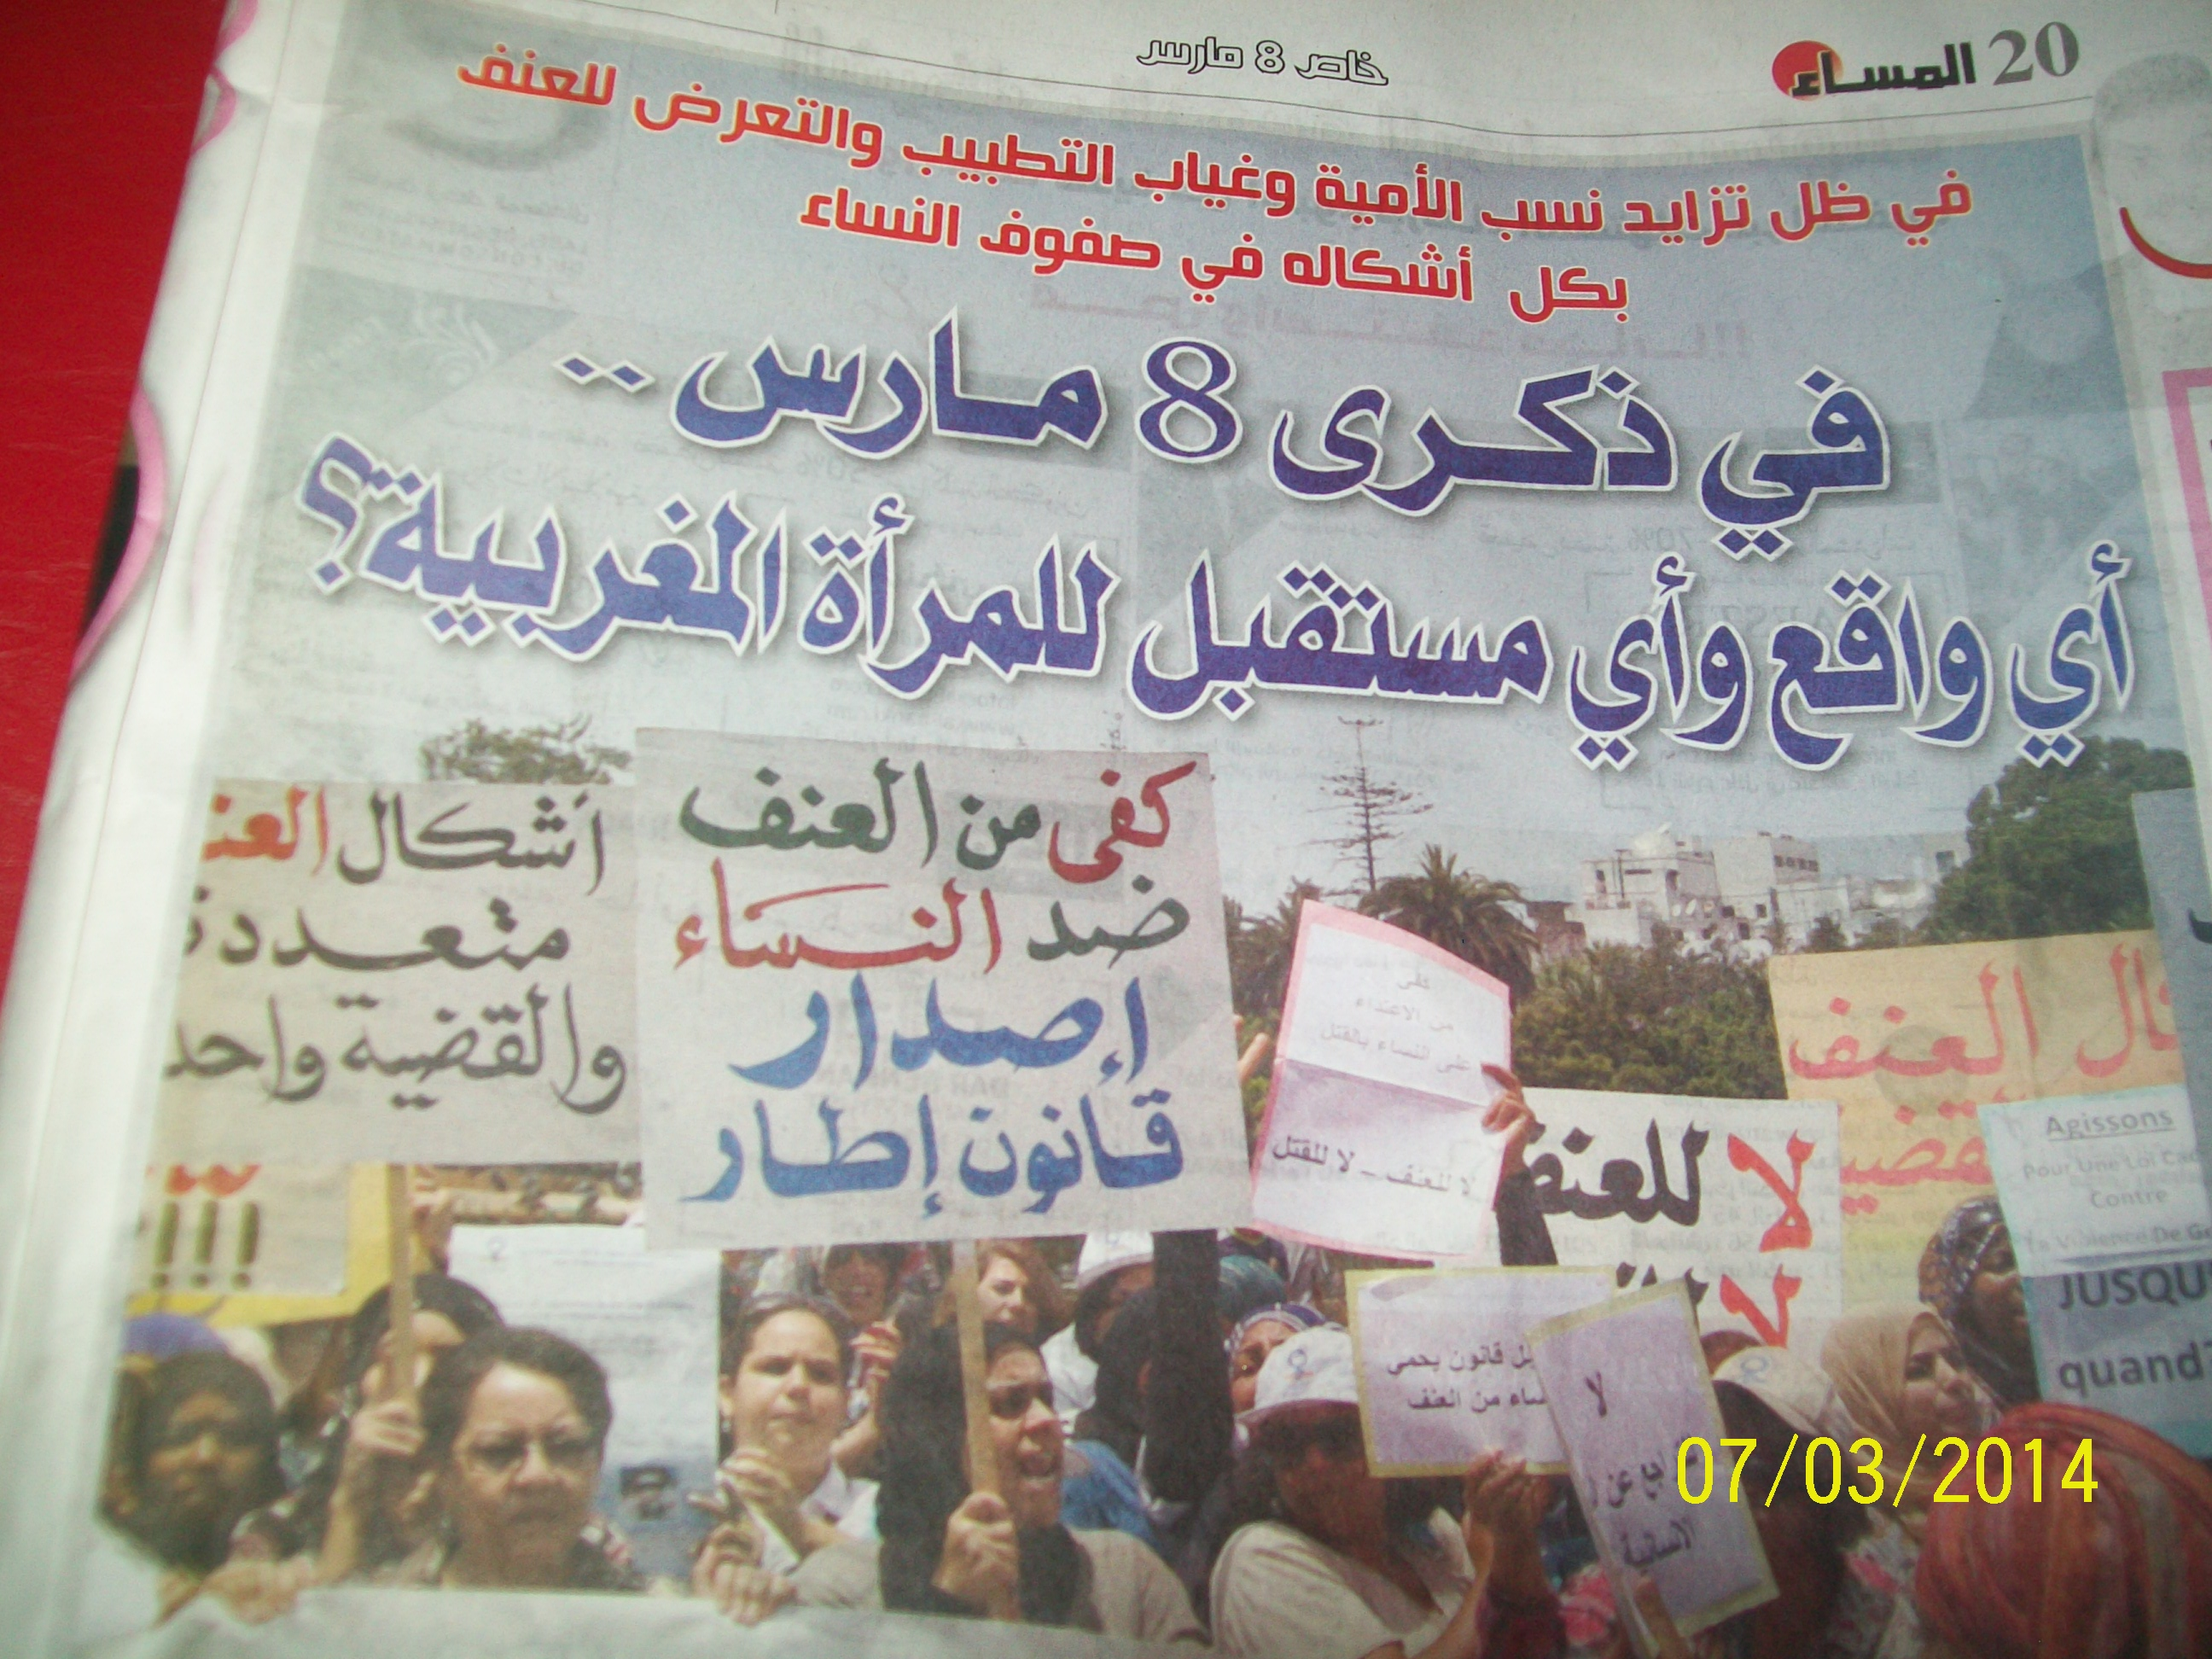 تكريم في حق المرأة المغربية بمناسبة اليوم العالمي للمرأة.